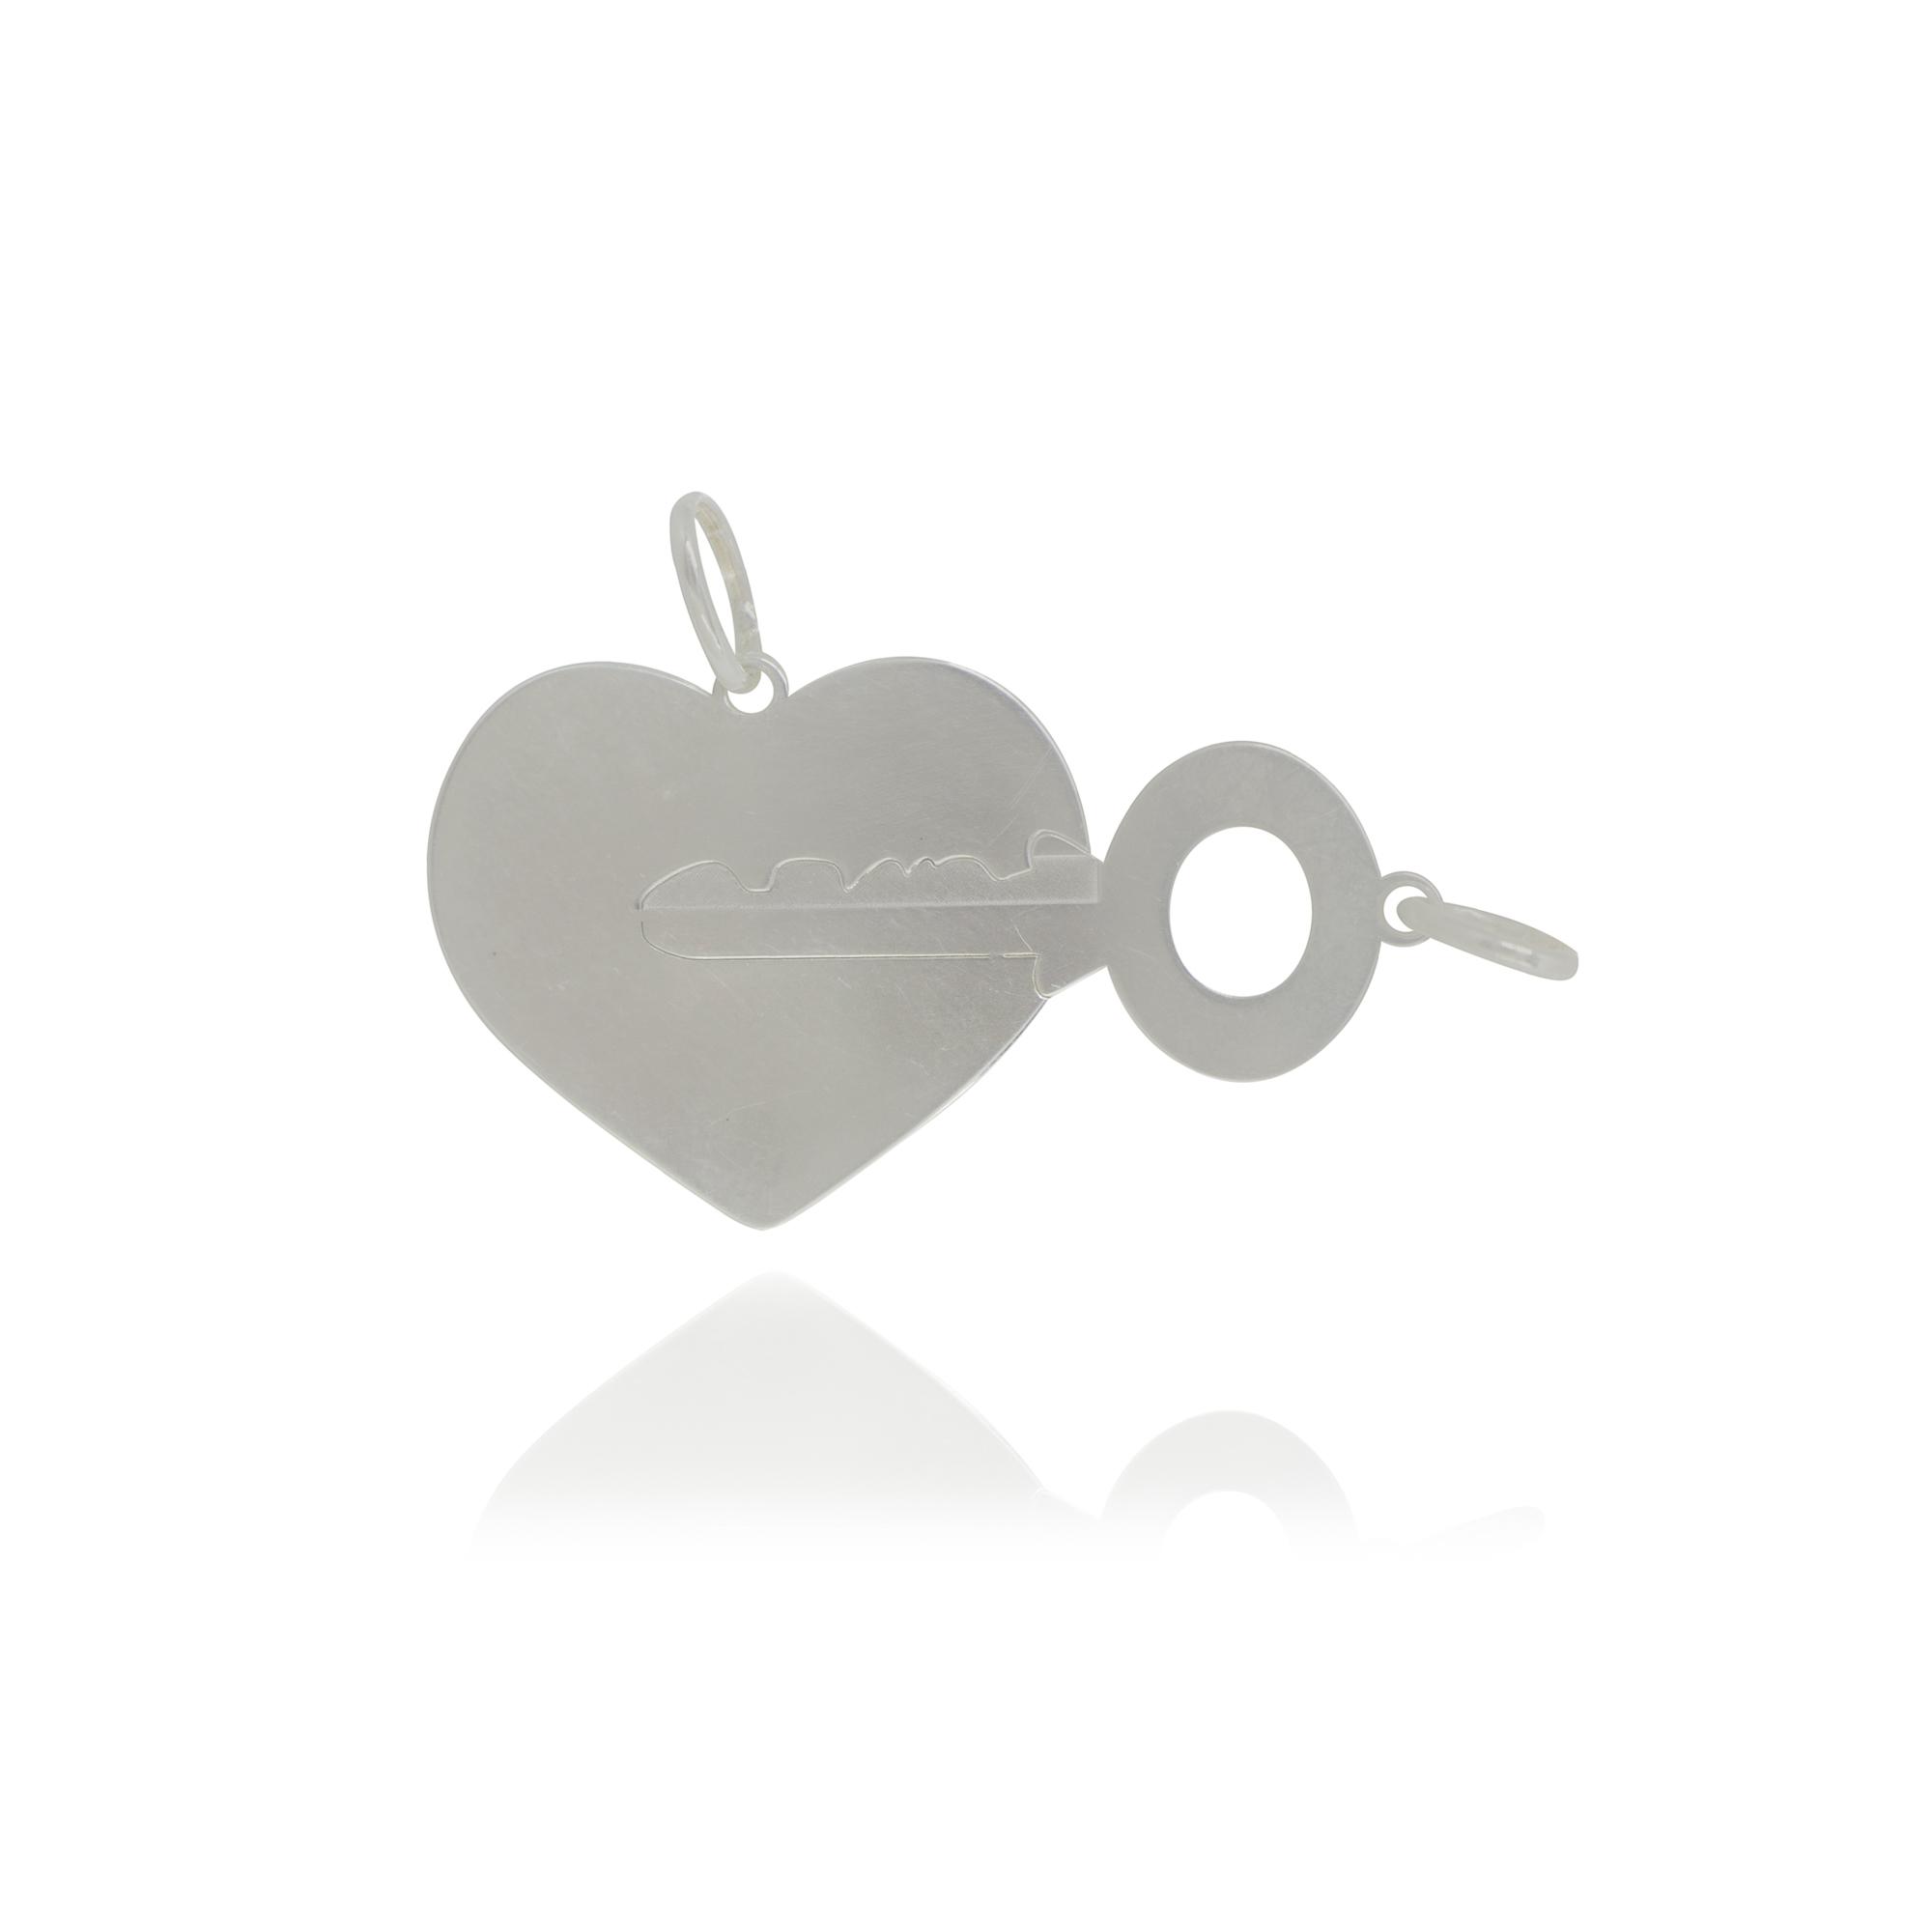 Pingente joia em prata 925 pura Coração Chave hipoalergênica